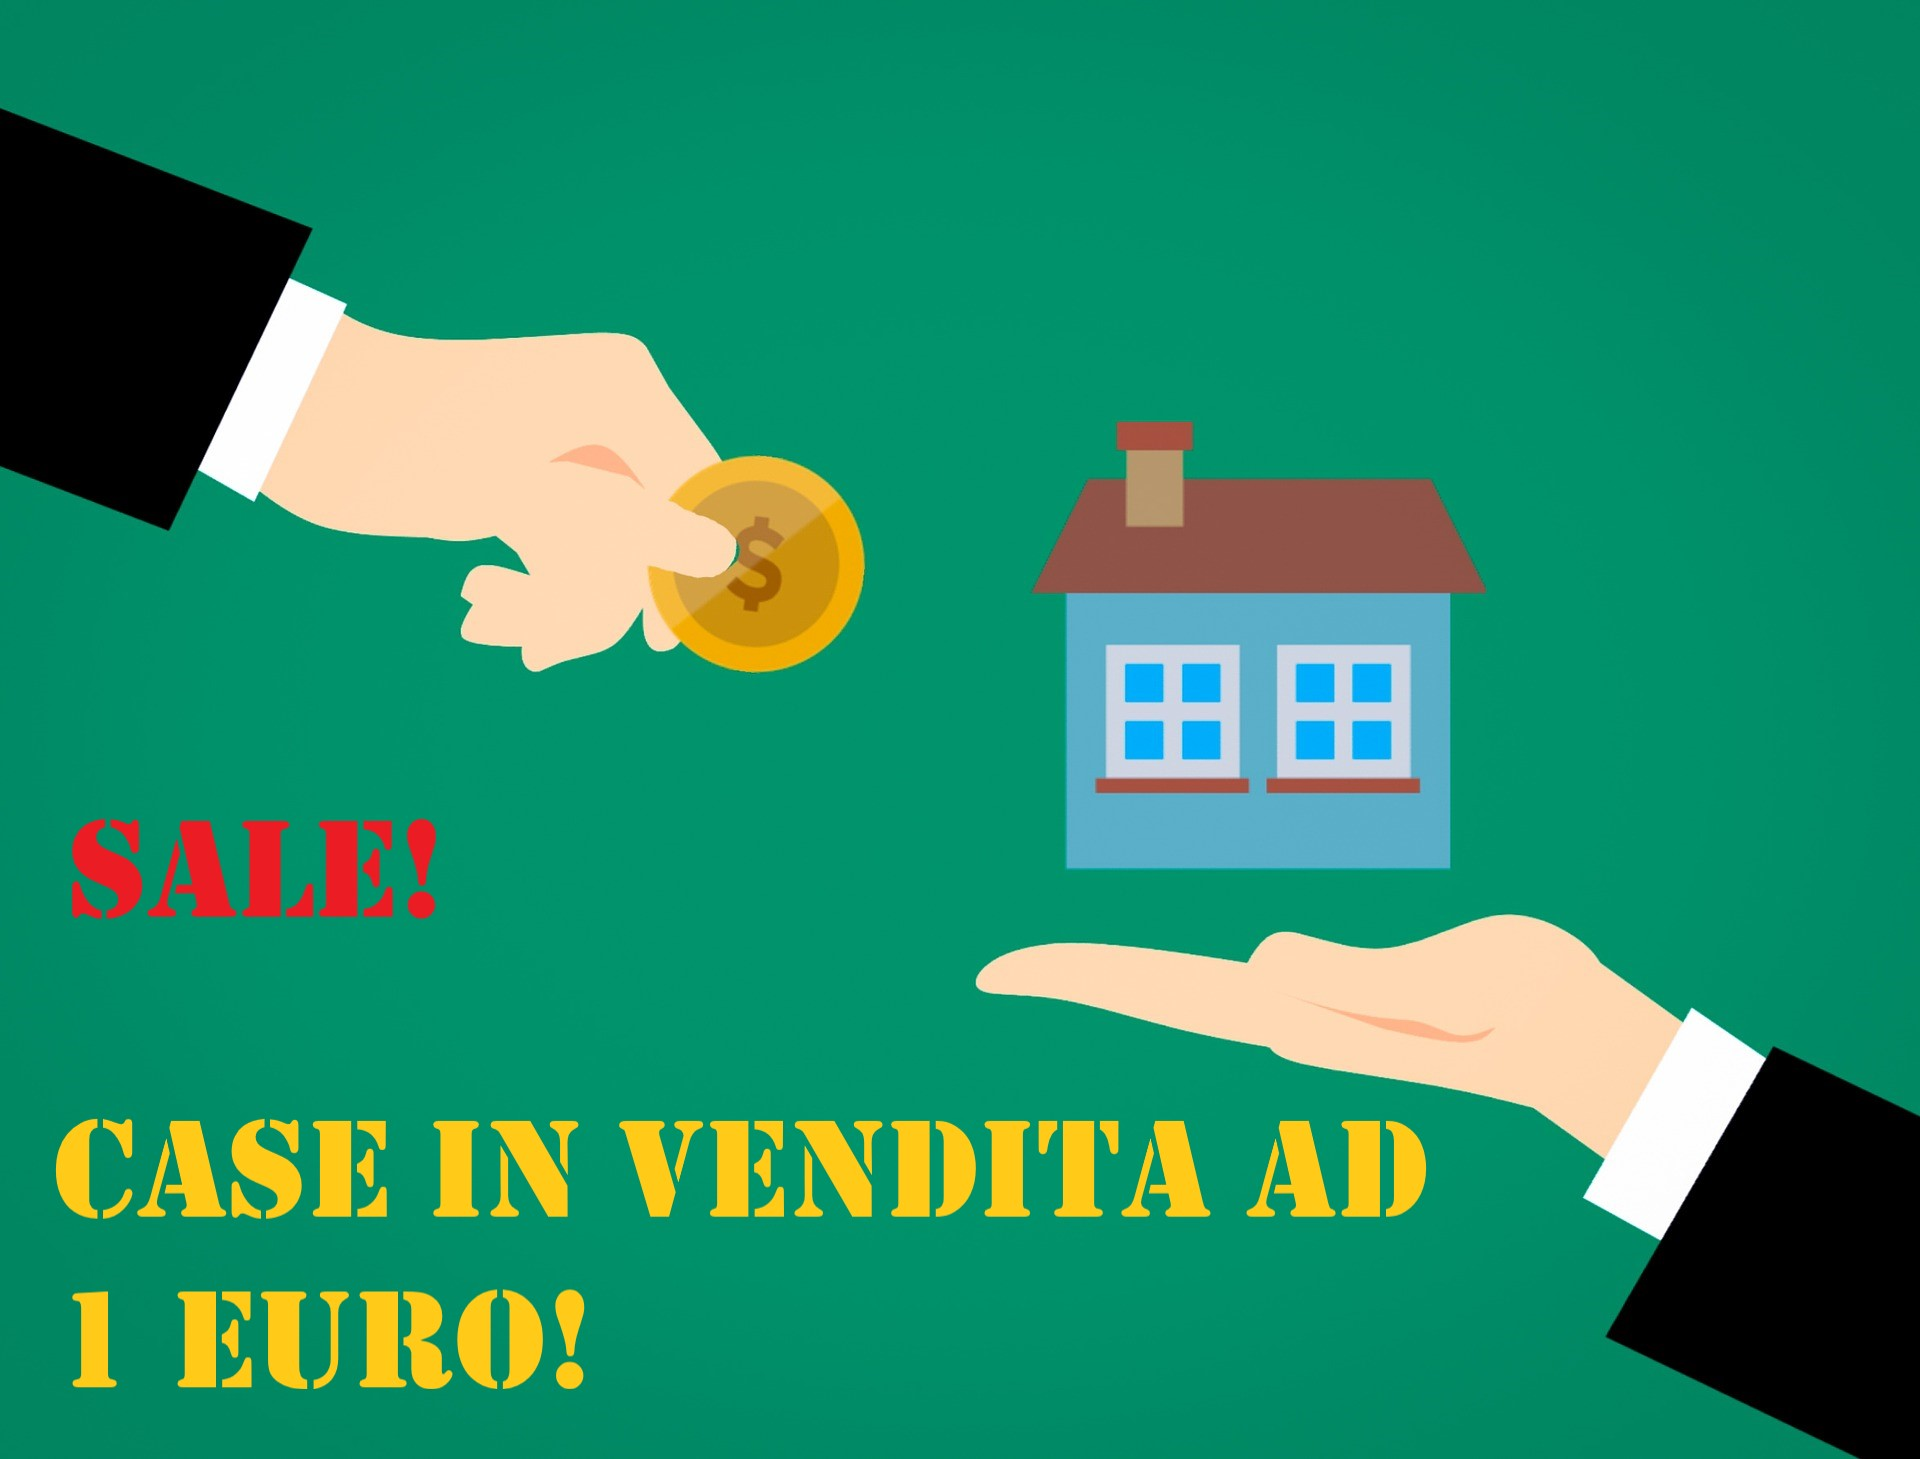 Case In Vendita ad 1 Euro: Nuova Iniziativa dei Comuni Italiani